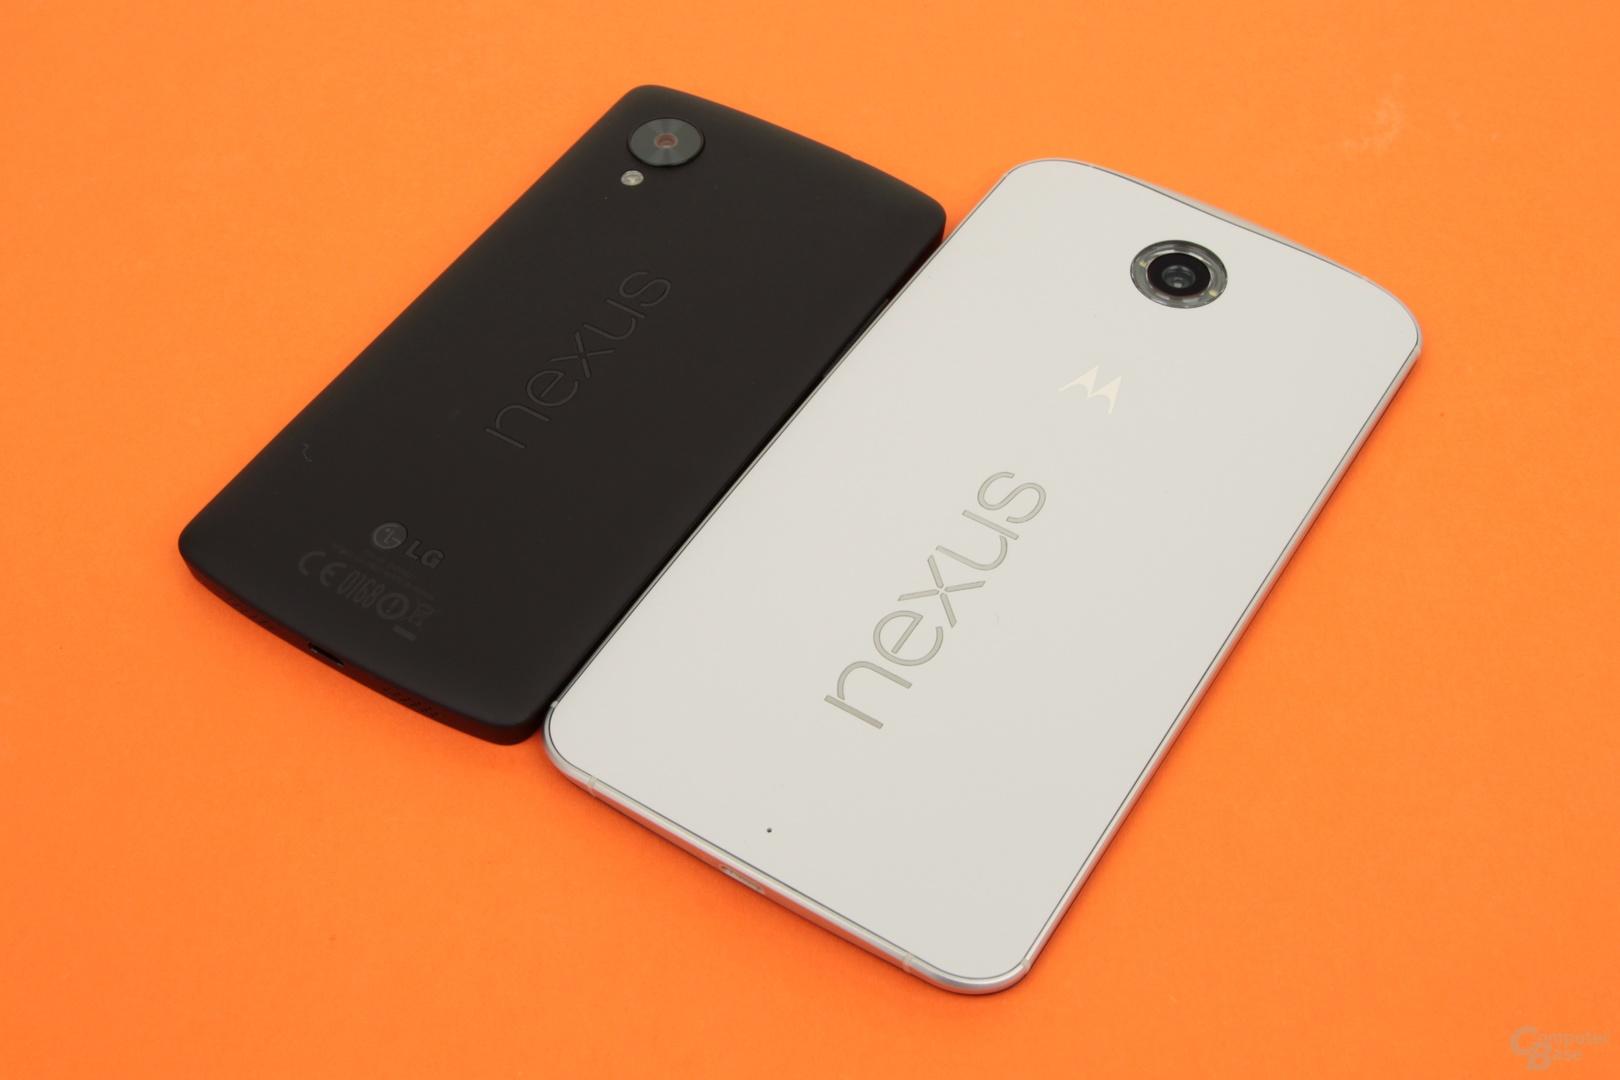 Das Nexus 6 ist deutlich größer als das Nexus 5